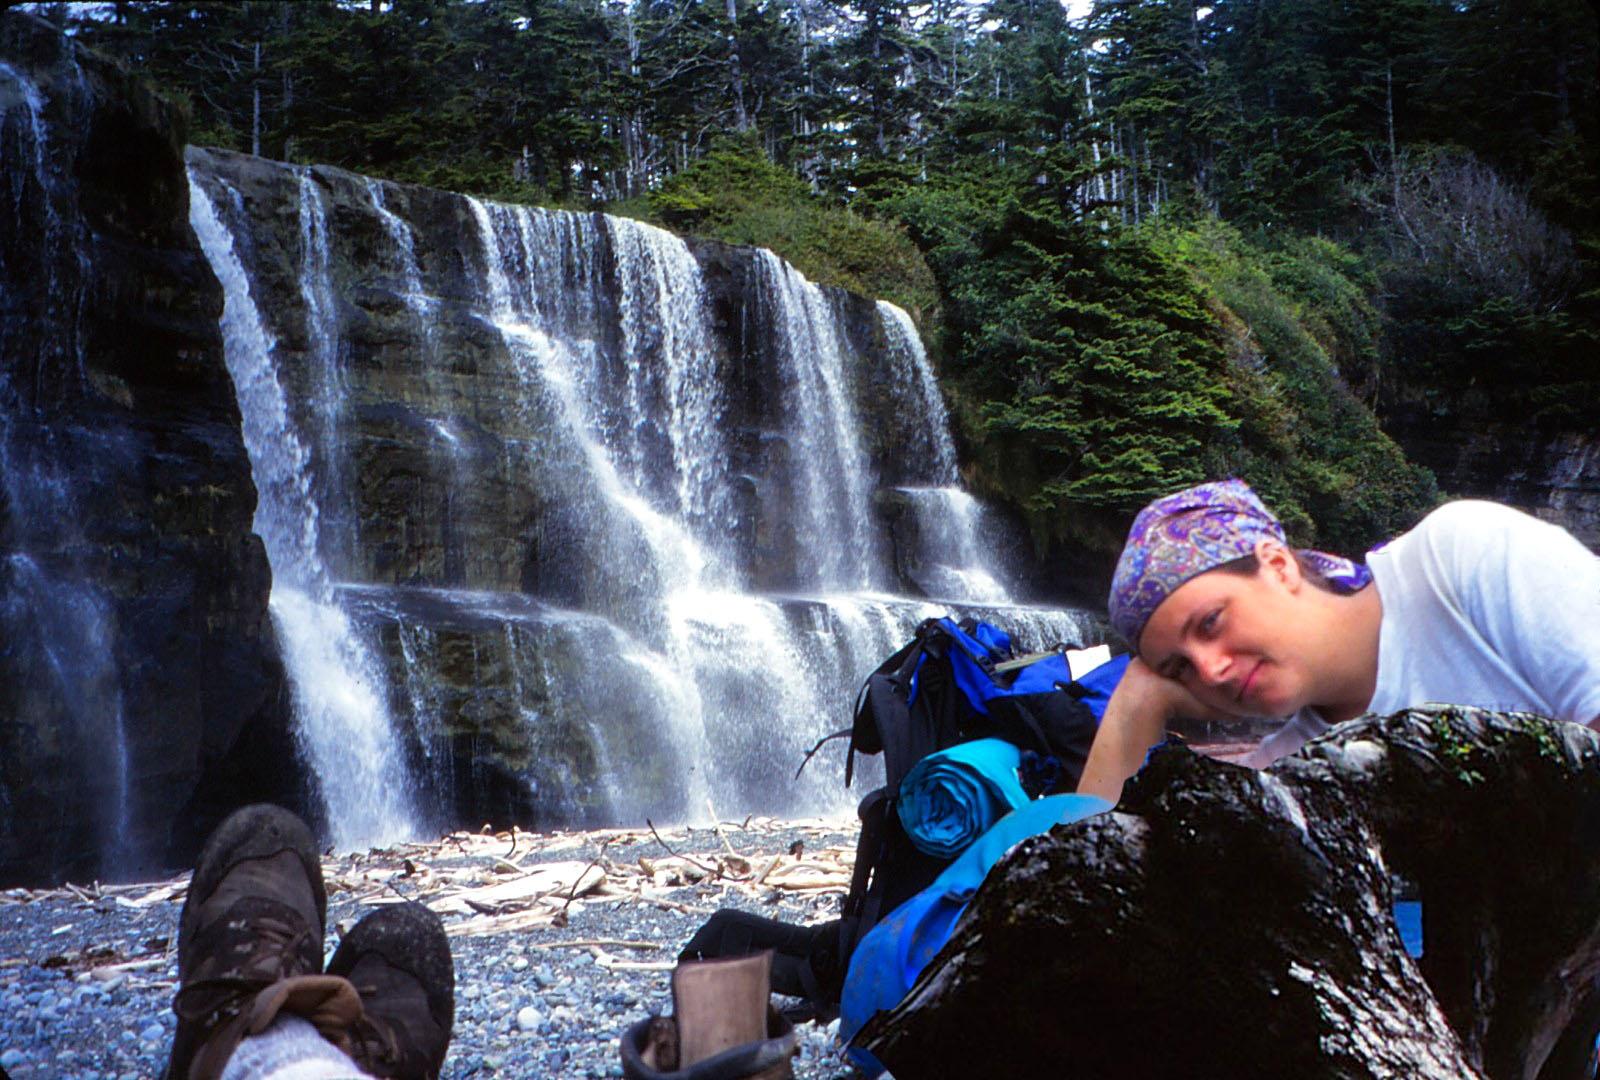 Kari at Falls